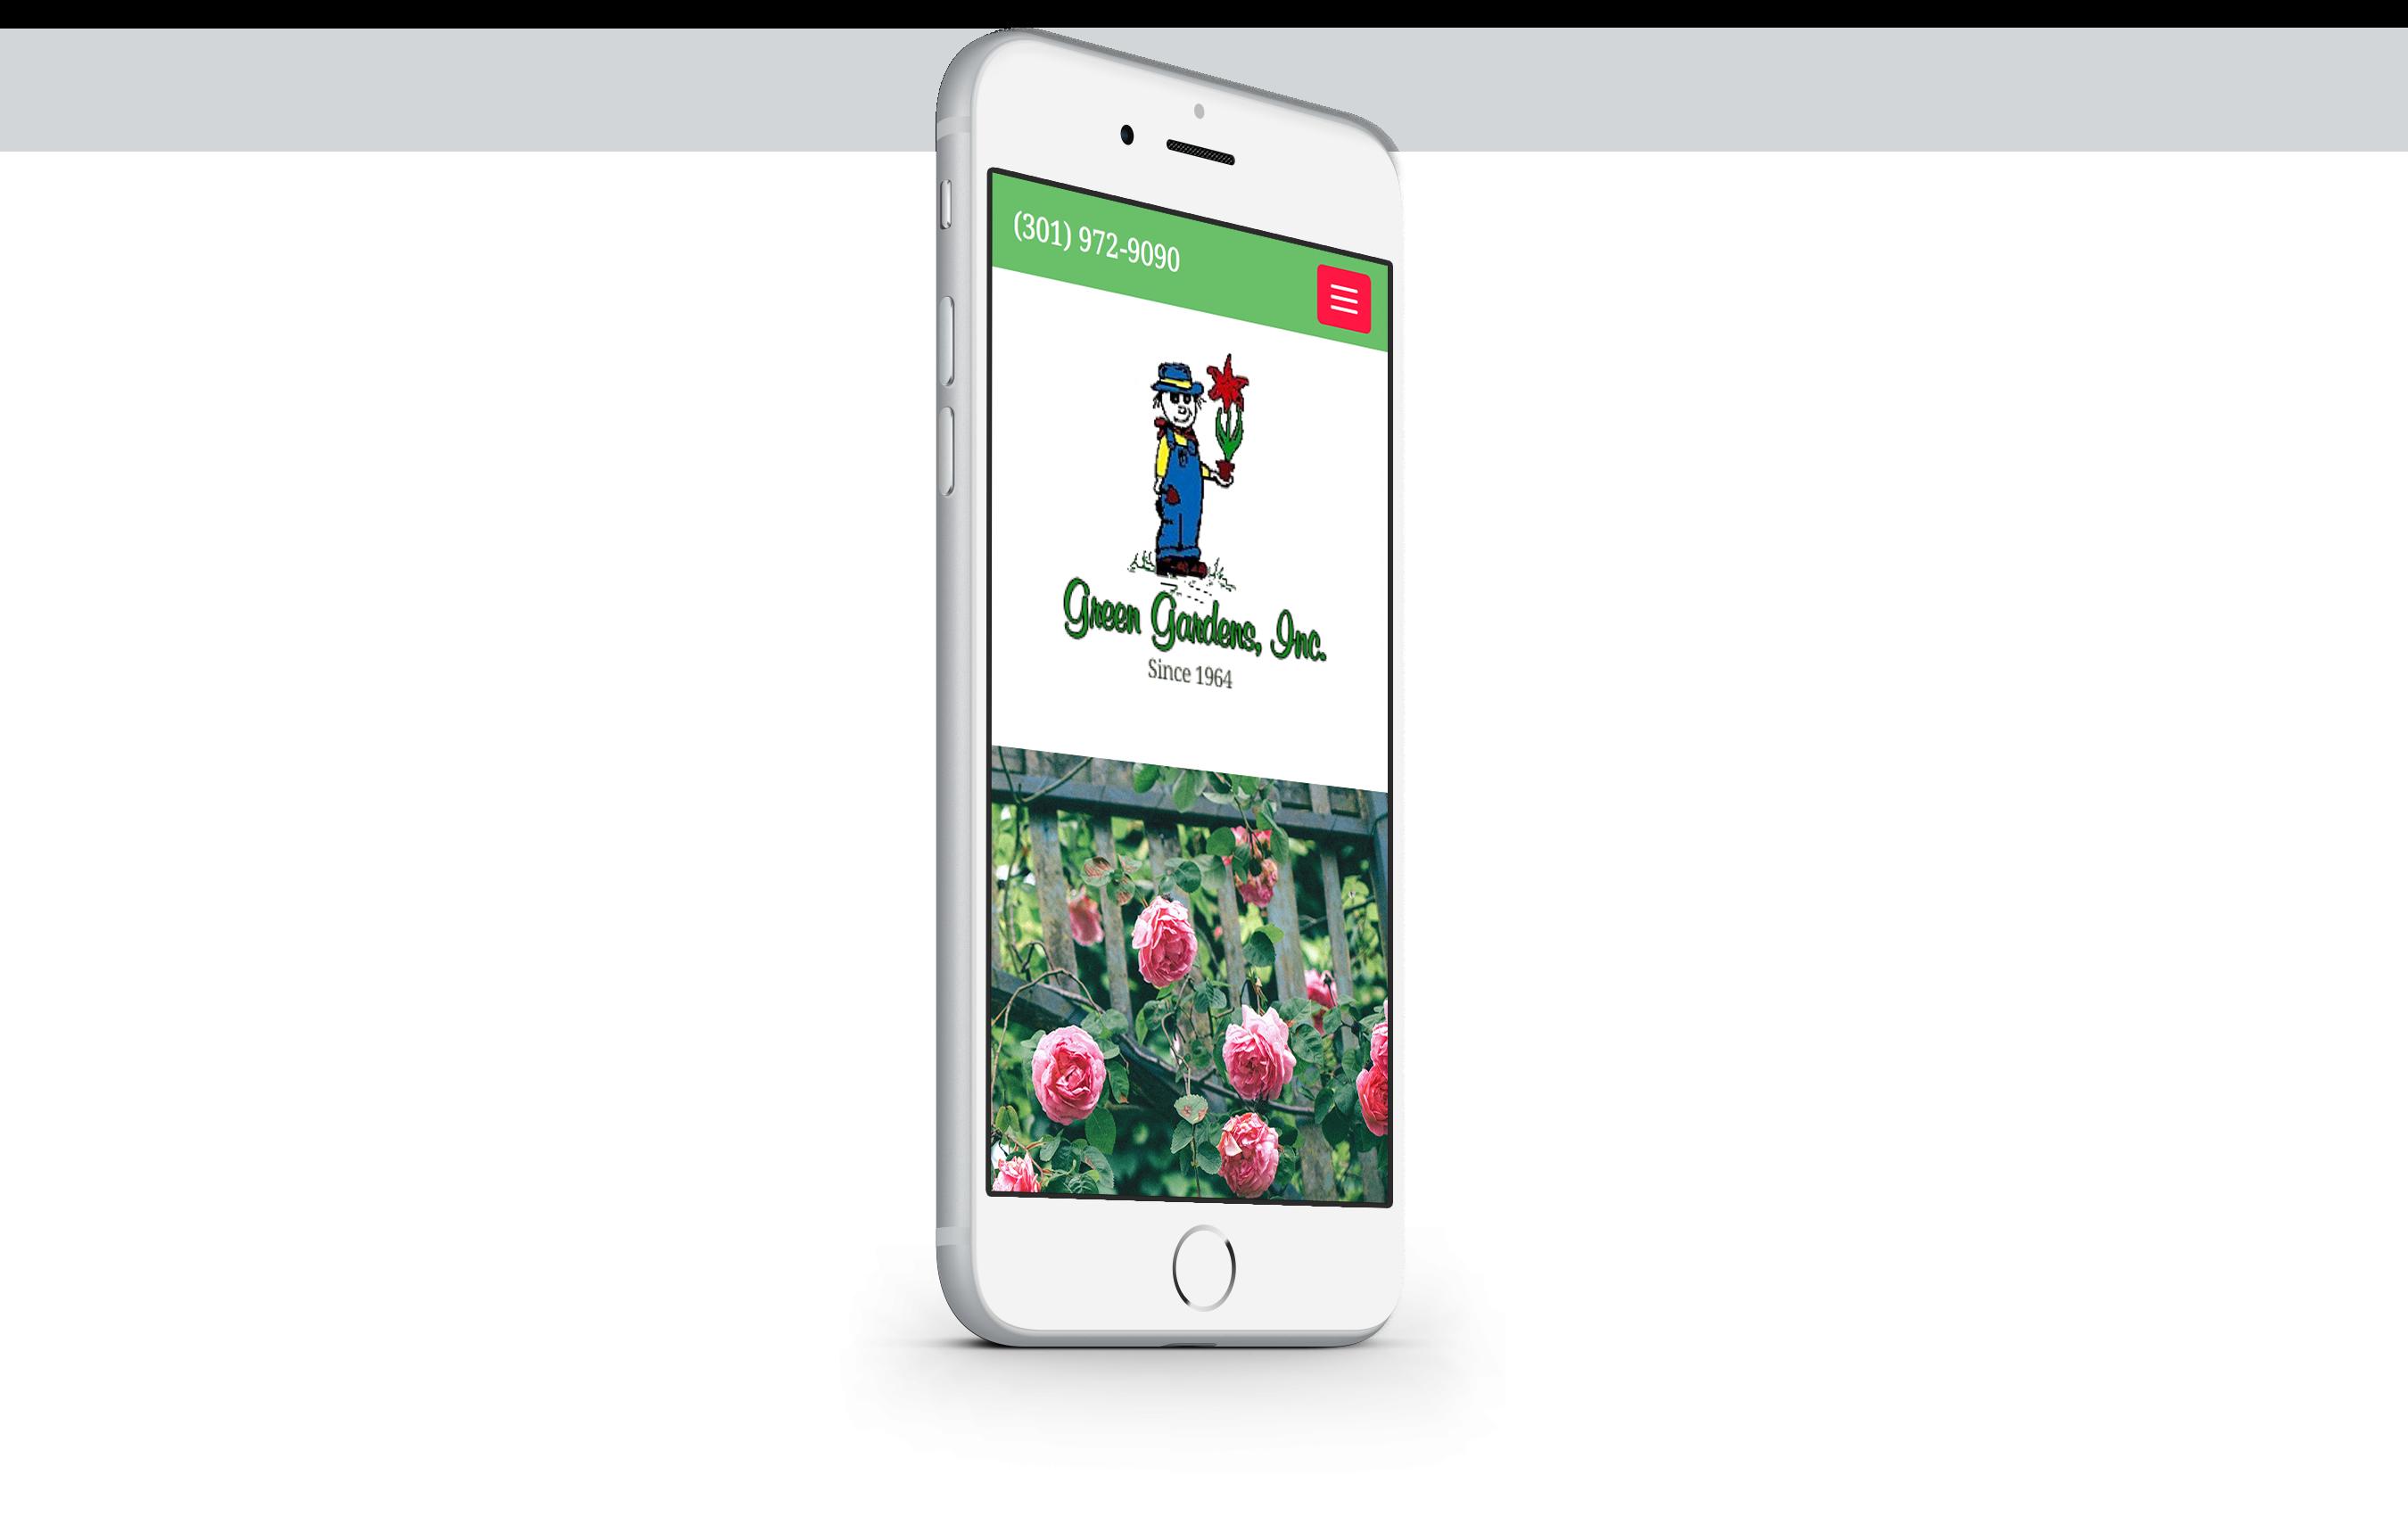 greengardensinc.com mobile website design